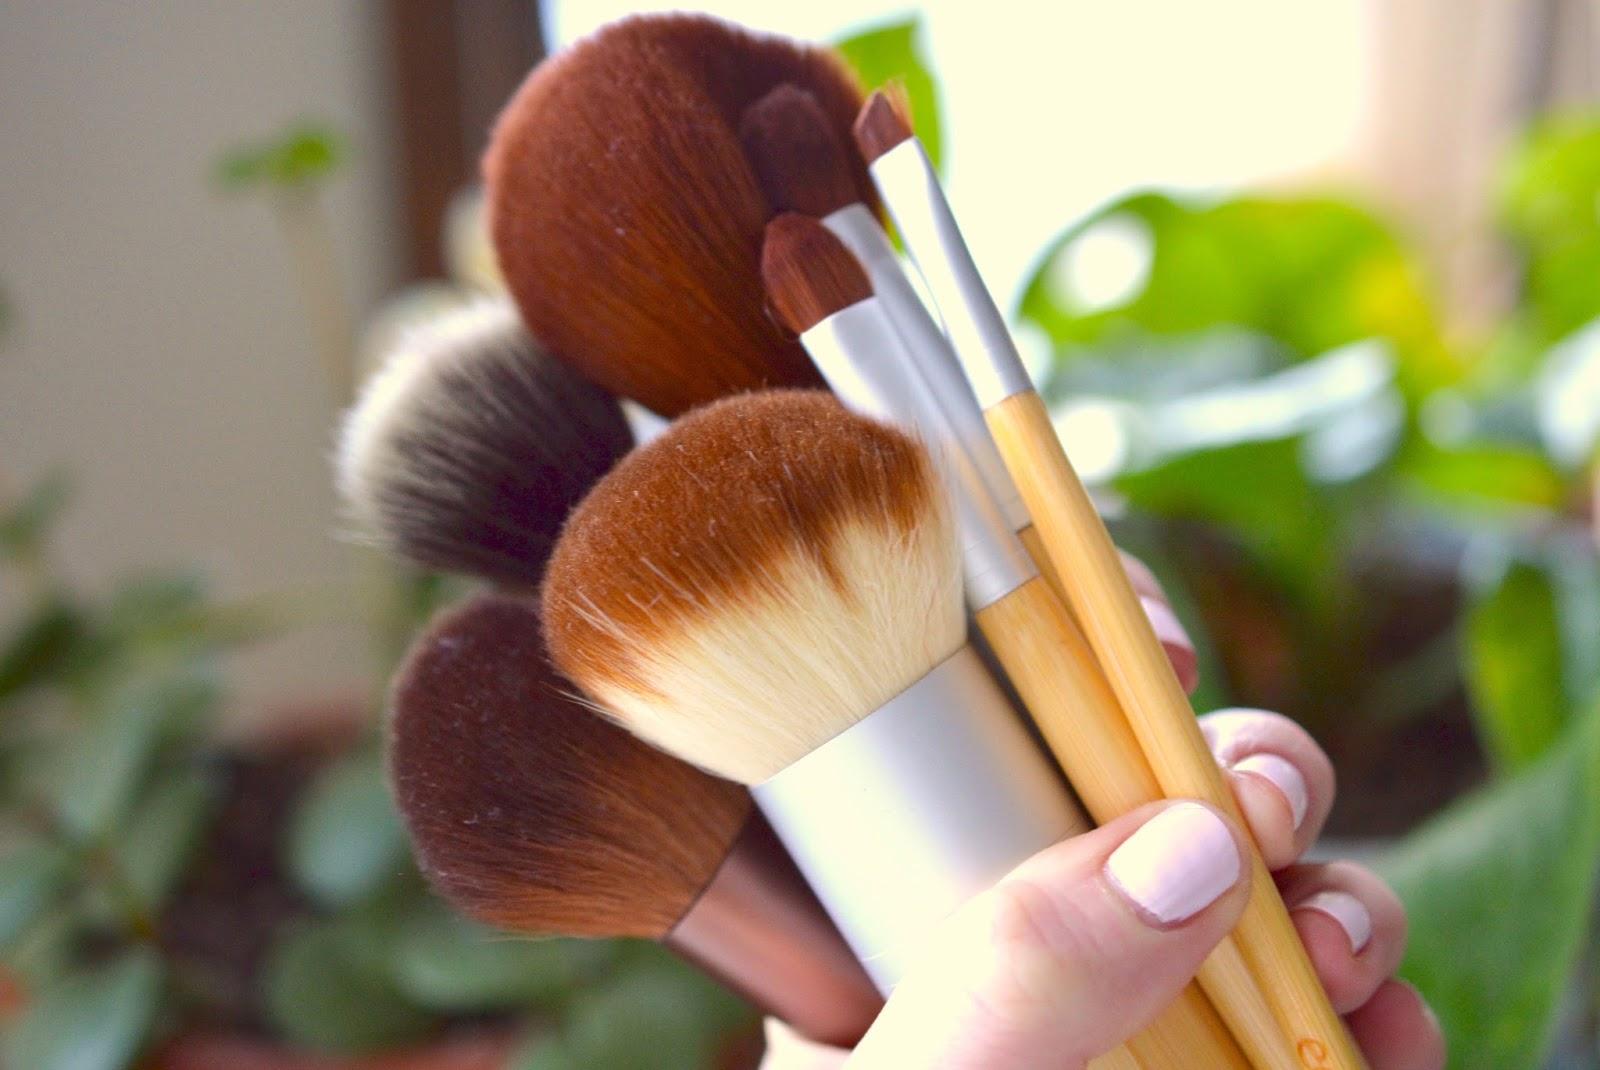 ecotools brushes canada